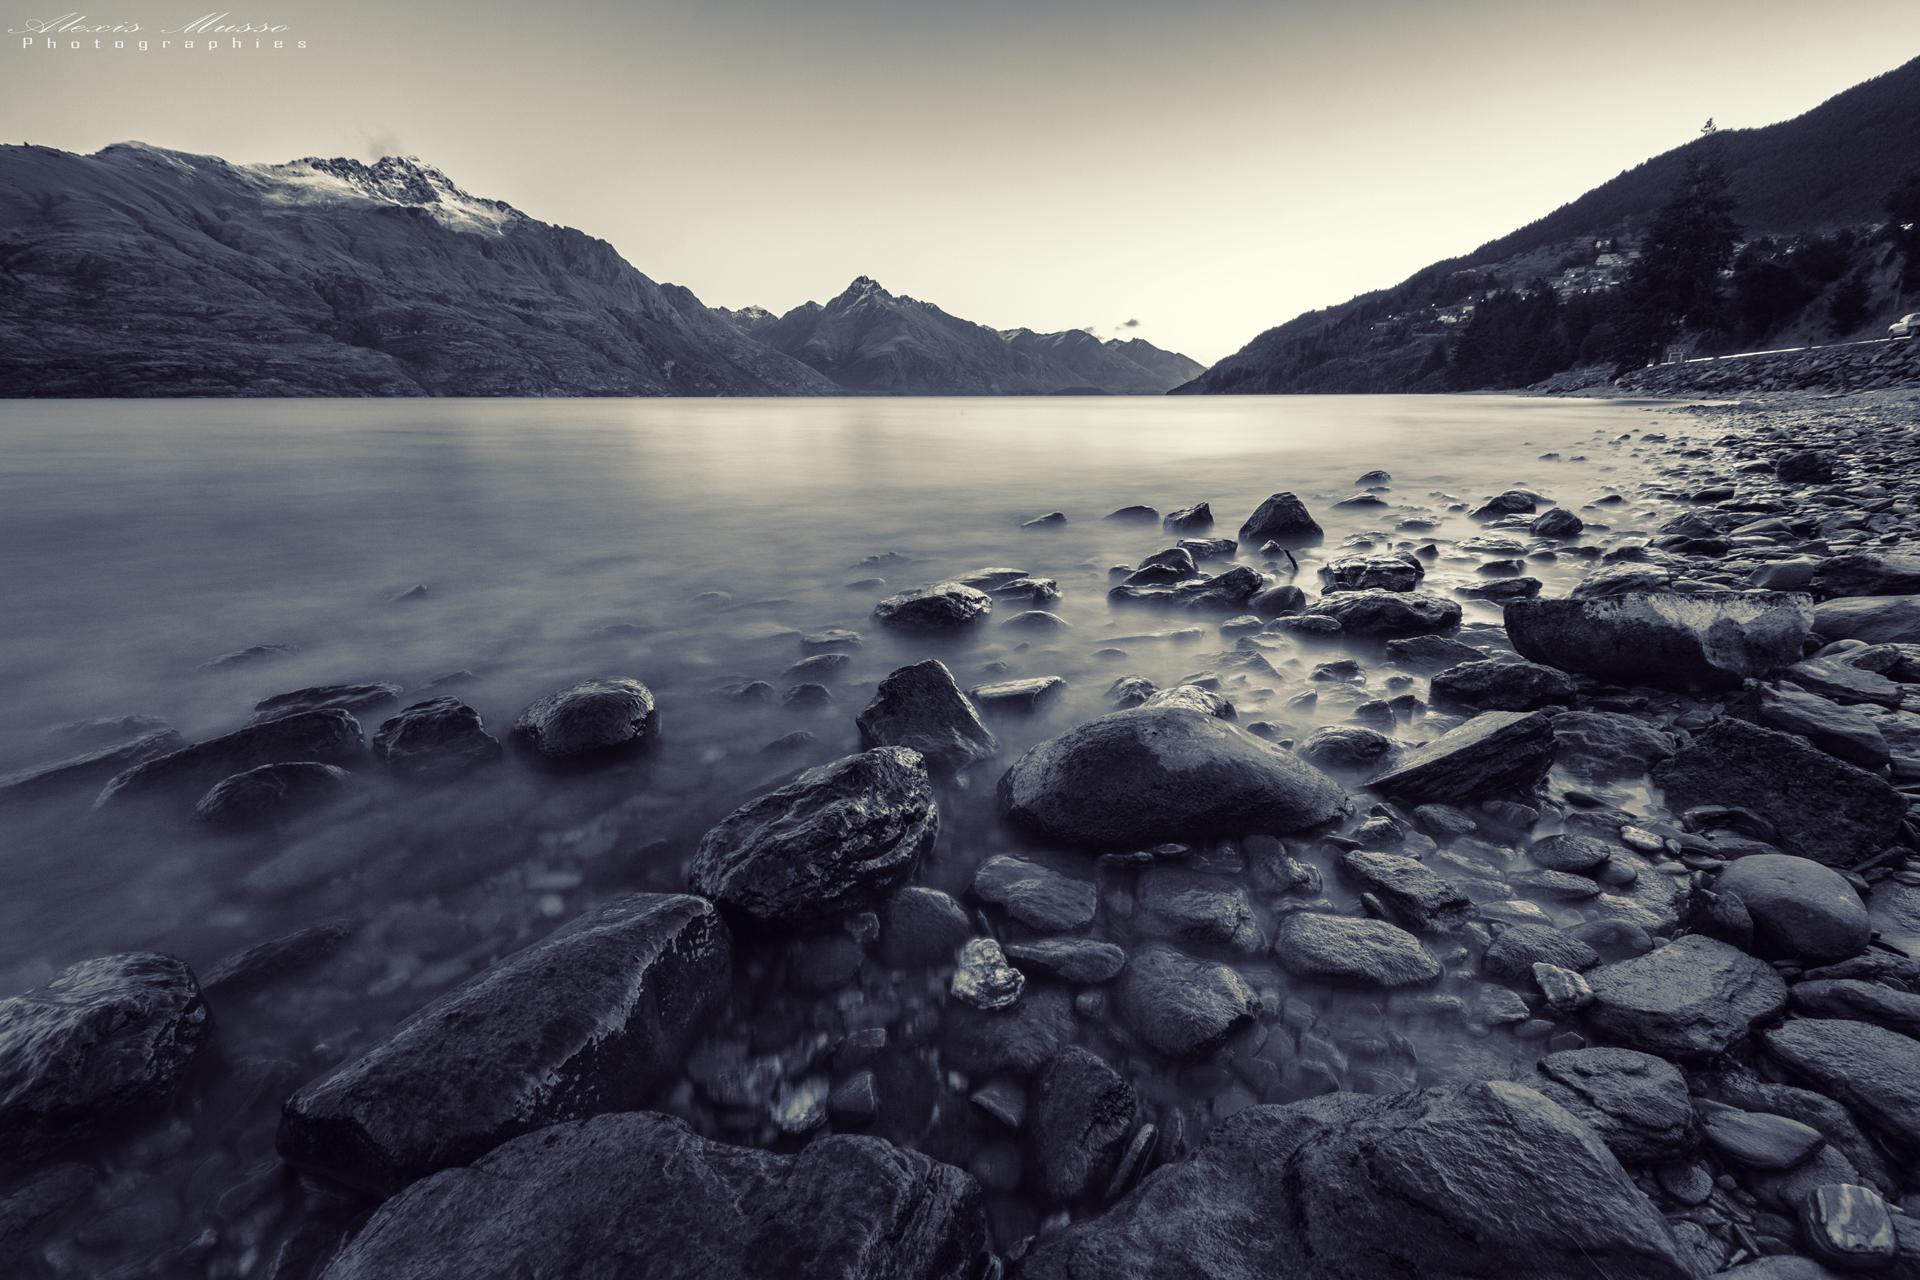 Lake Wakatipu - Queenstown, New Zealand